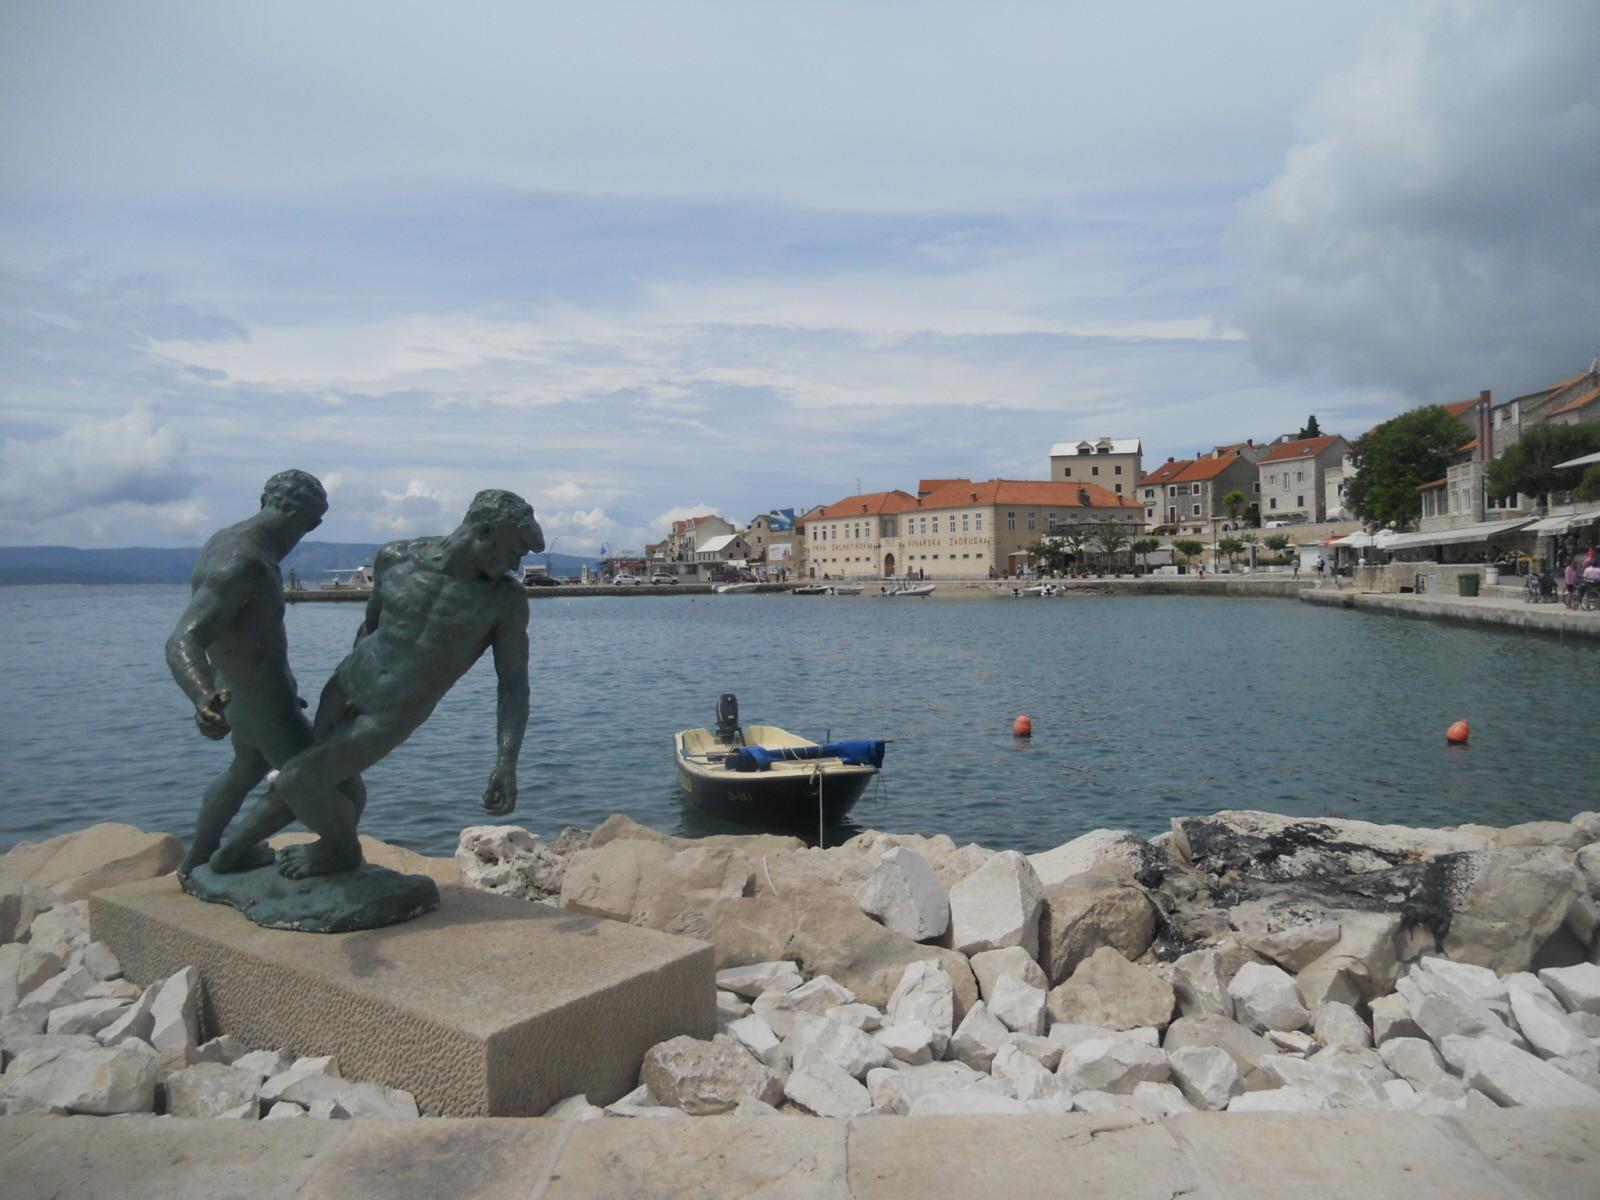 Bol. Najstarsze miasto na wyspie Brač